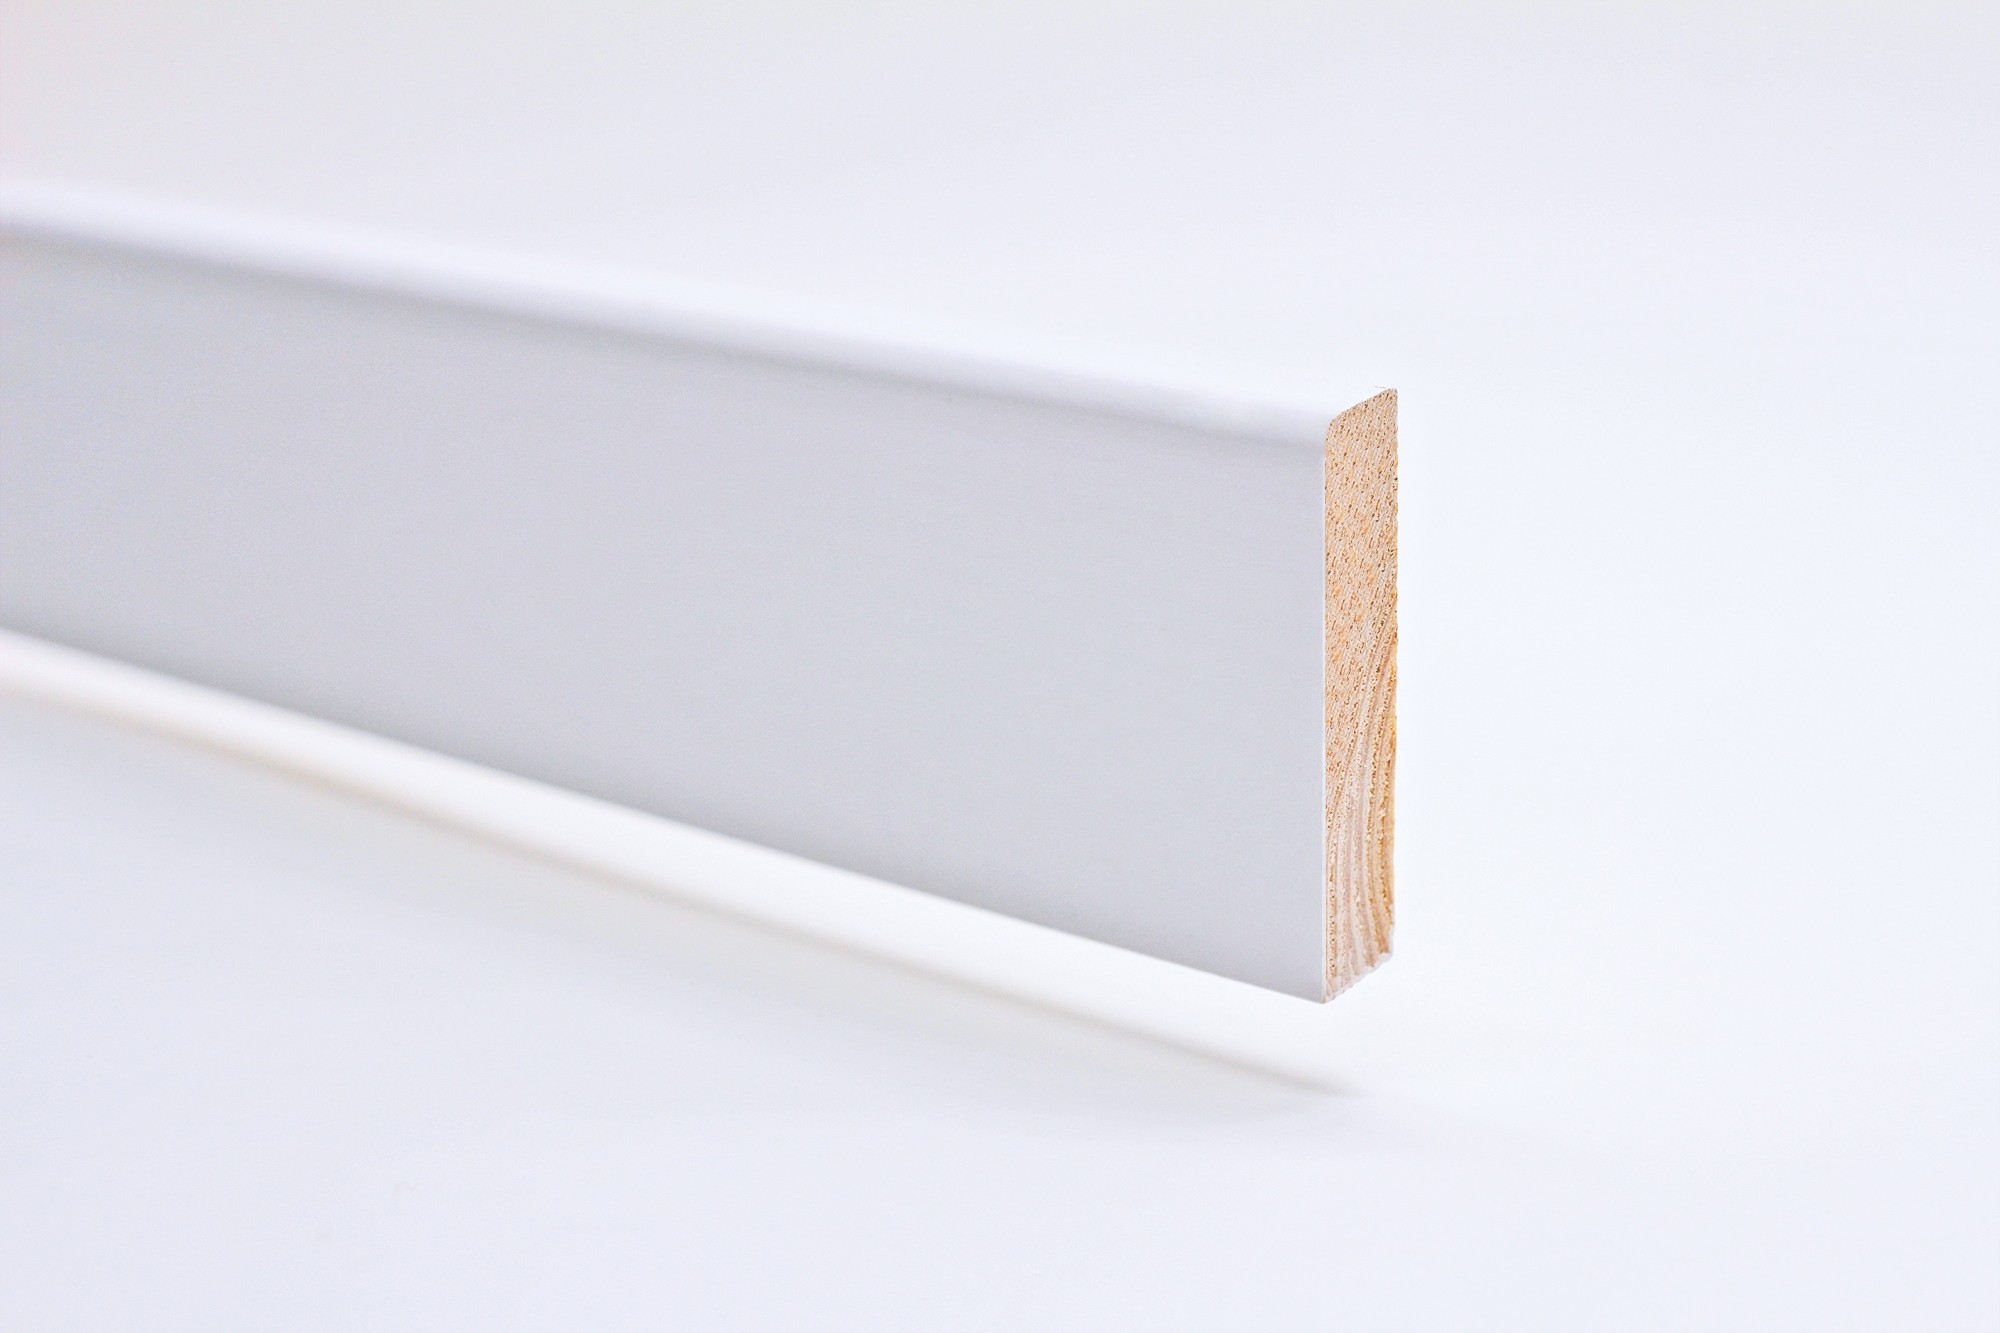 Sockelleiste (2400 x 12 x 70) abgerundet weiß lackiert Massivholz Profil - Interio